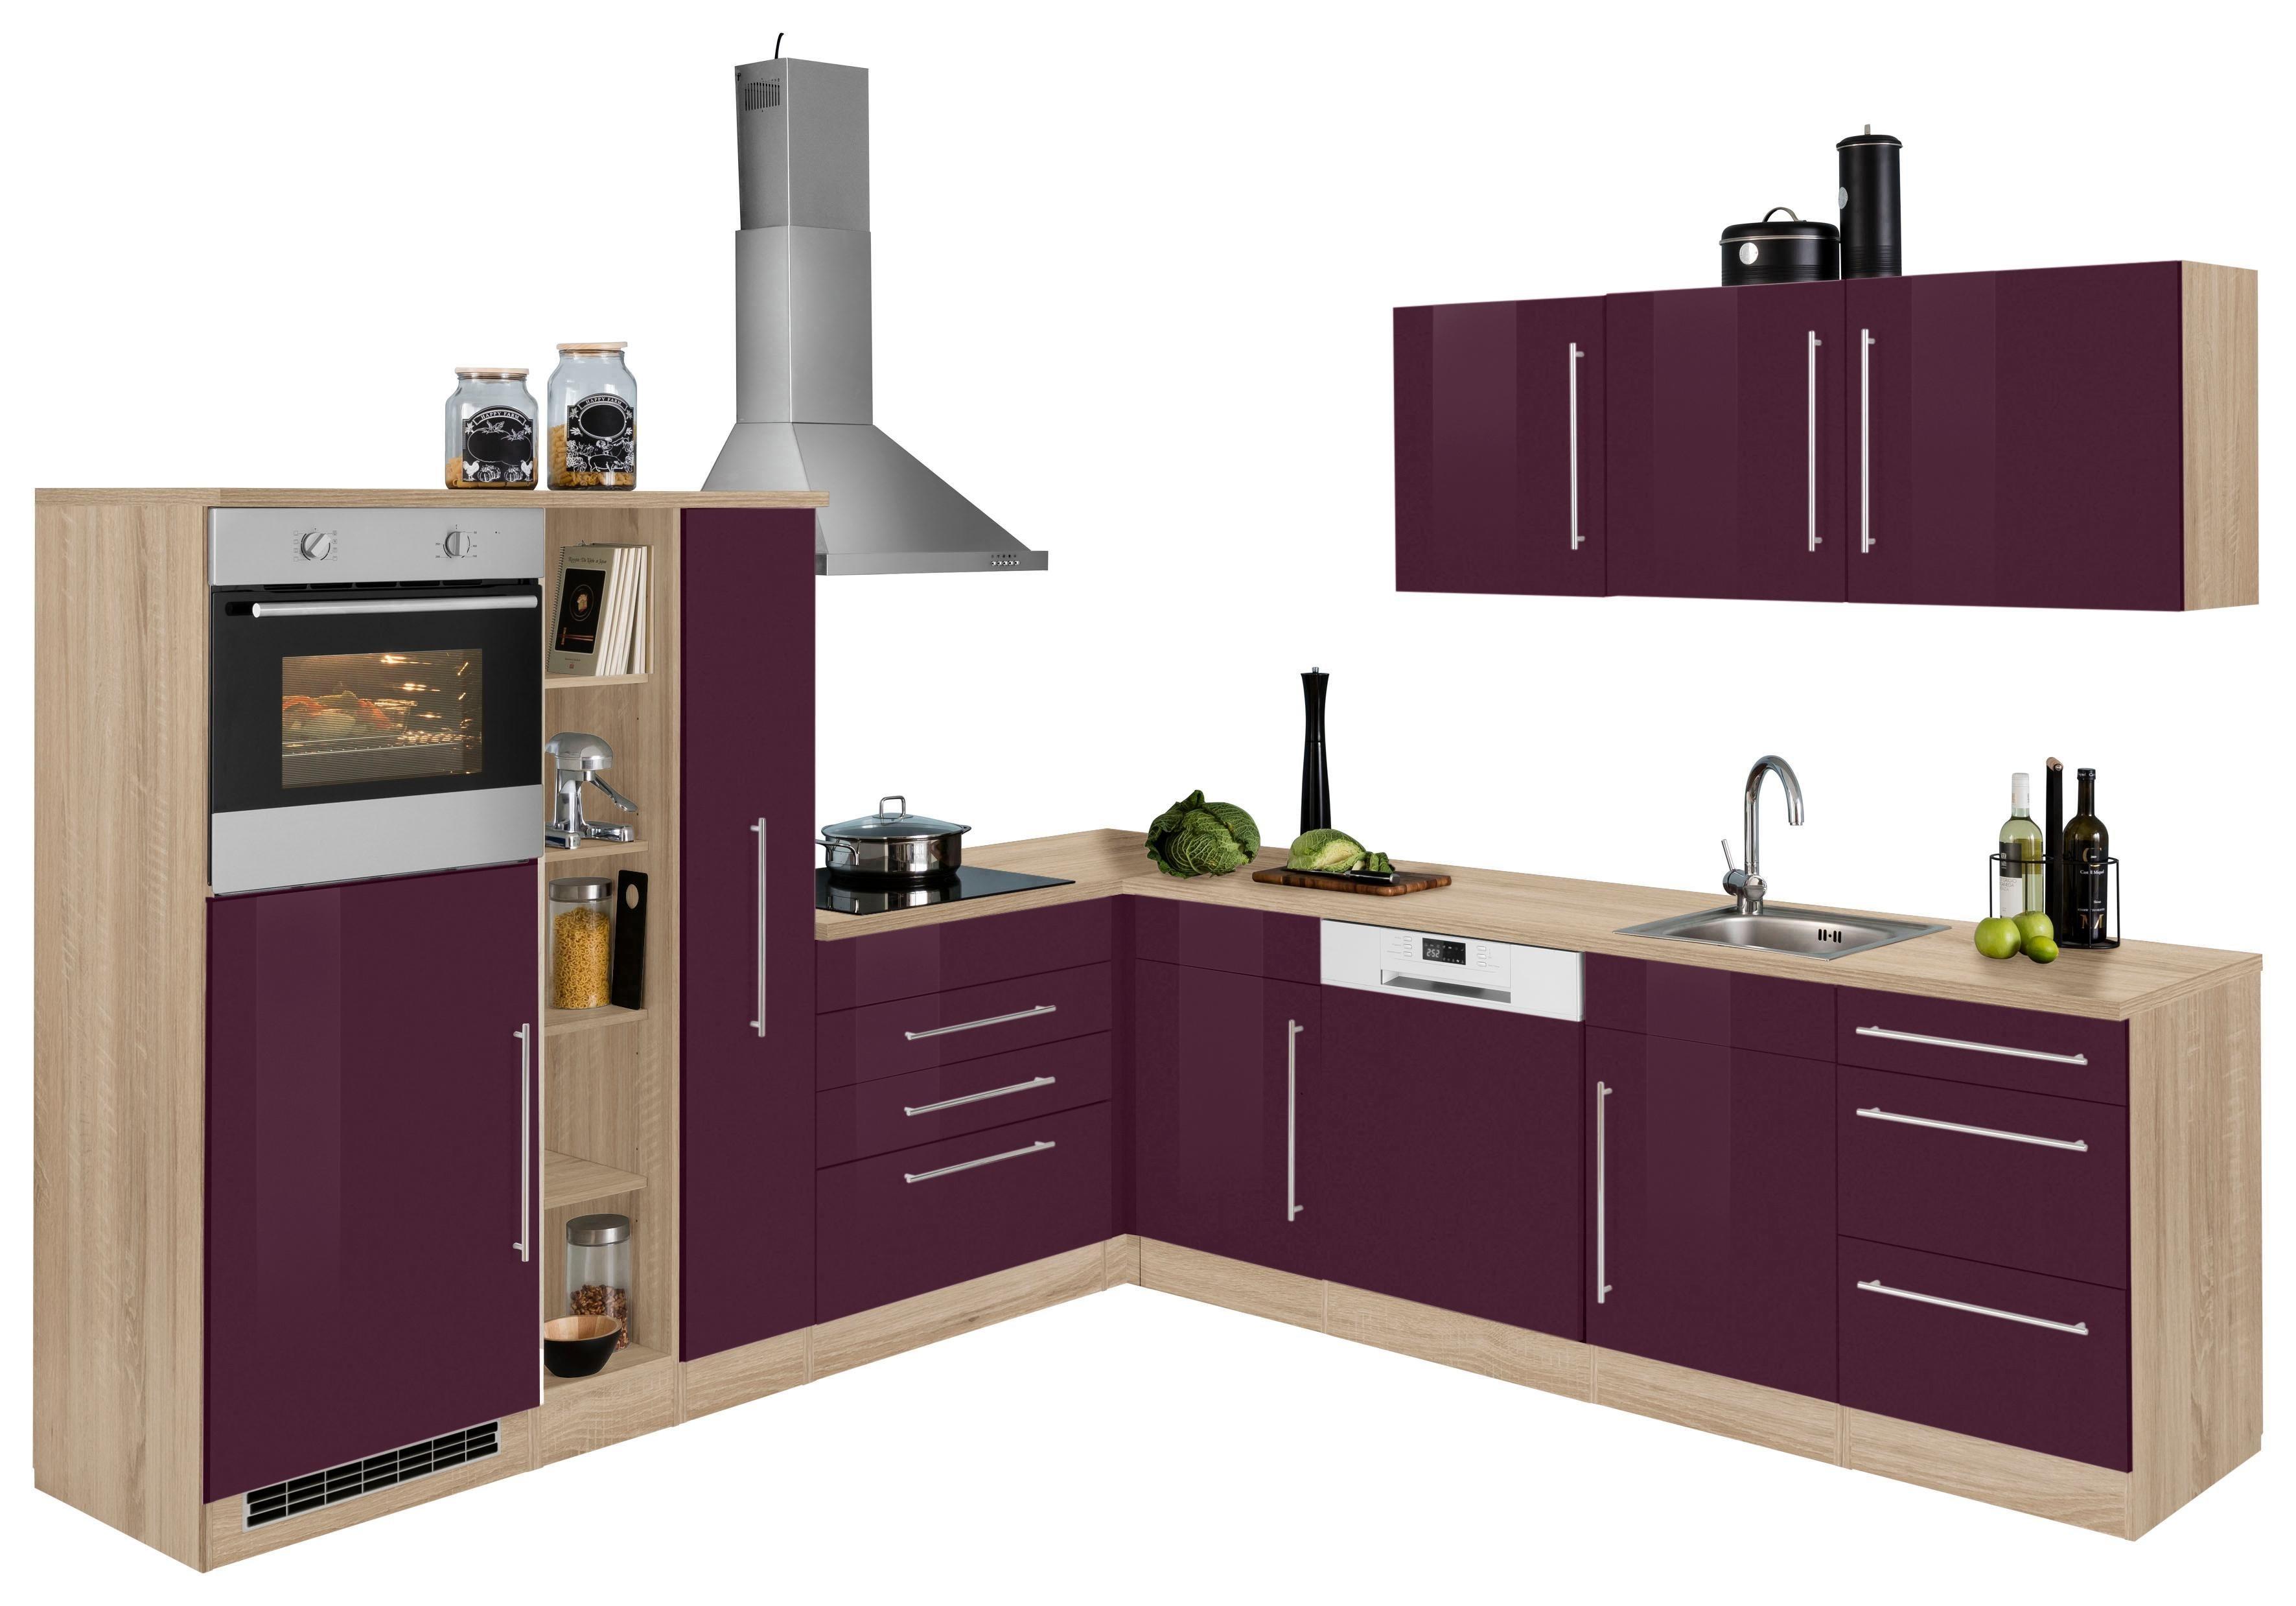 Winkelküche moemax winkelküchen kaufen möbel suchmaschine ladendirekt de